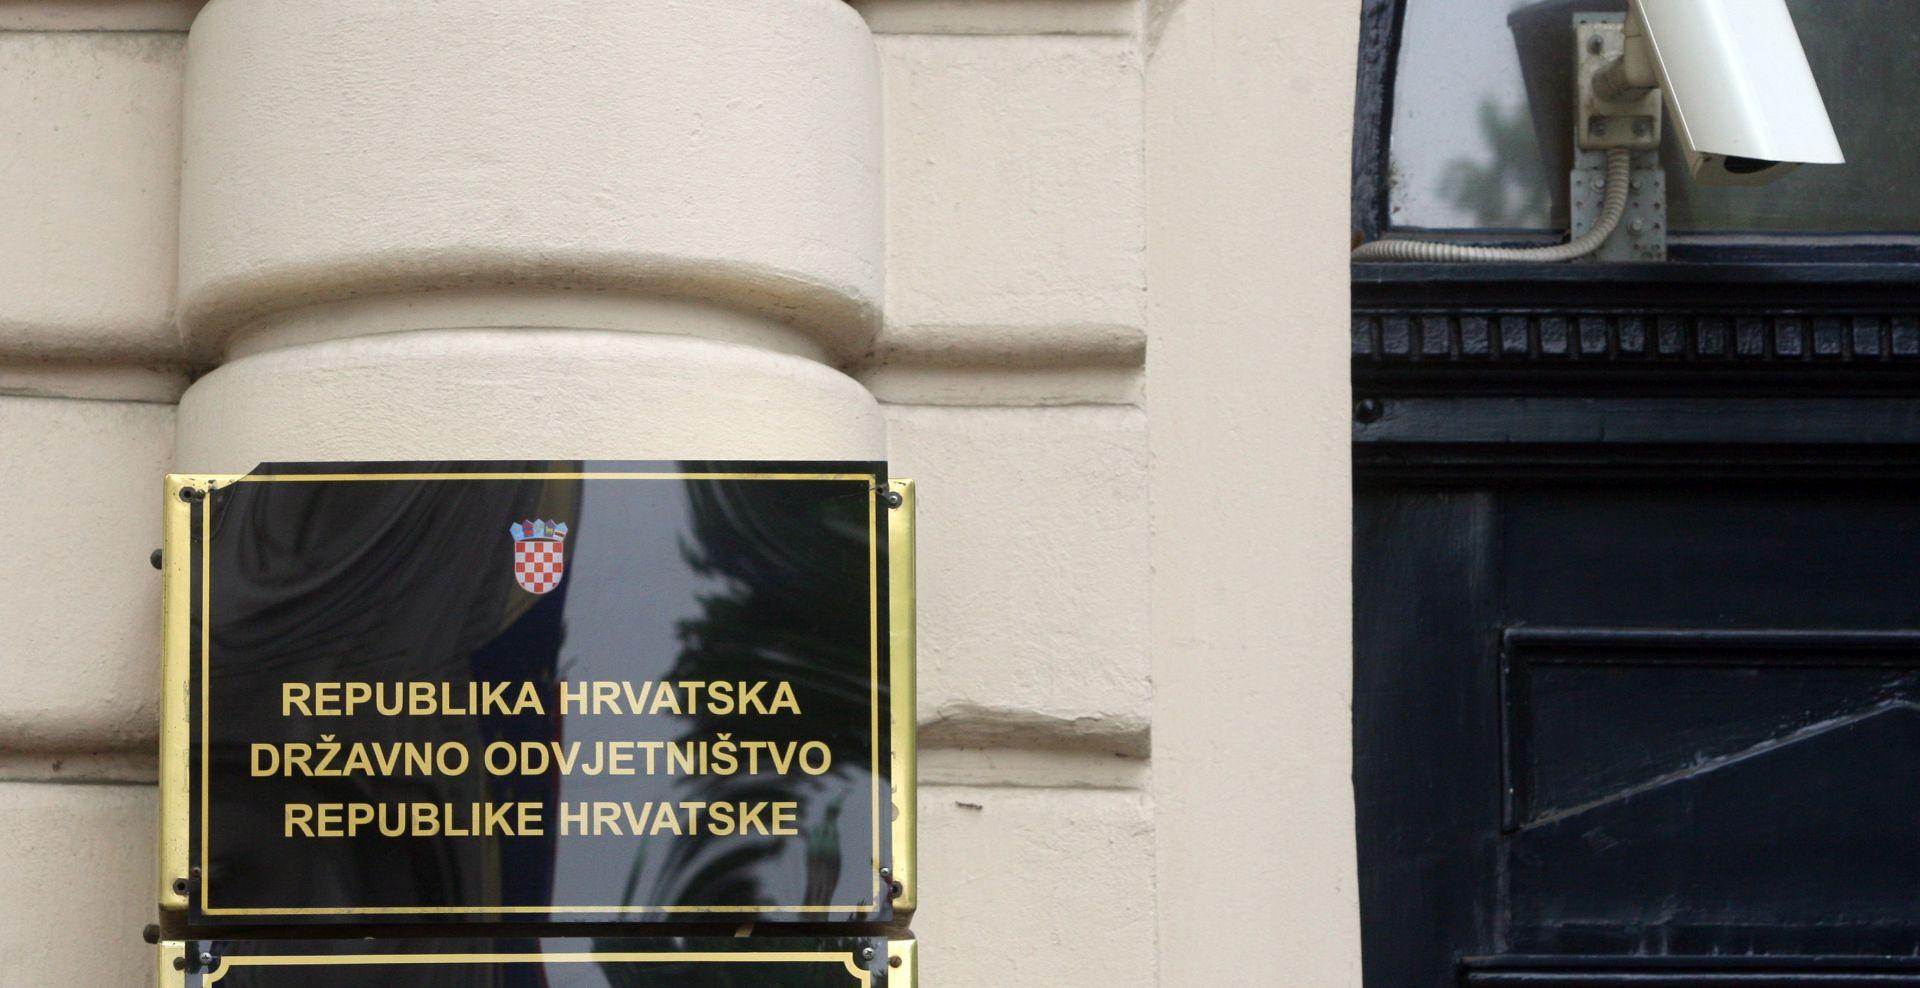 ŠIBENSKA UPRAVA: DORH u Washingtonu obranio Grad Šibenik i Hrvatsku